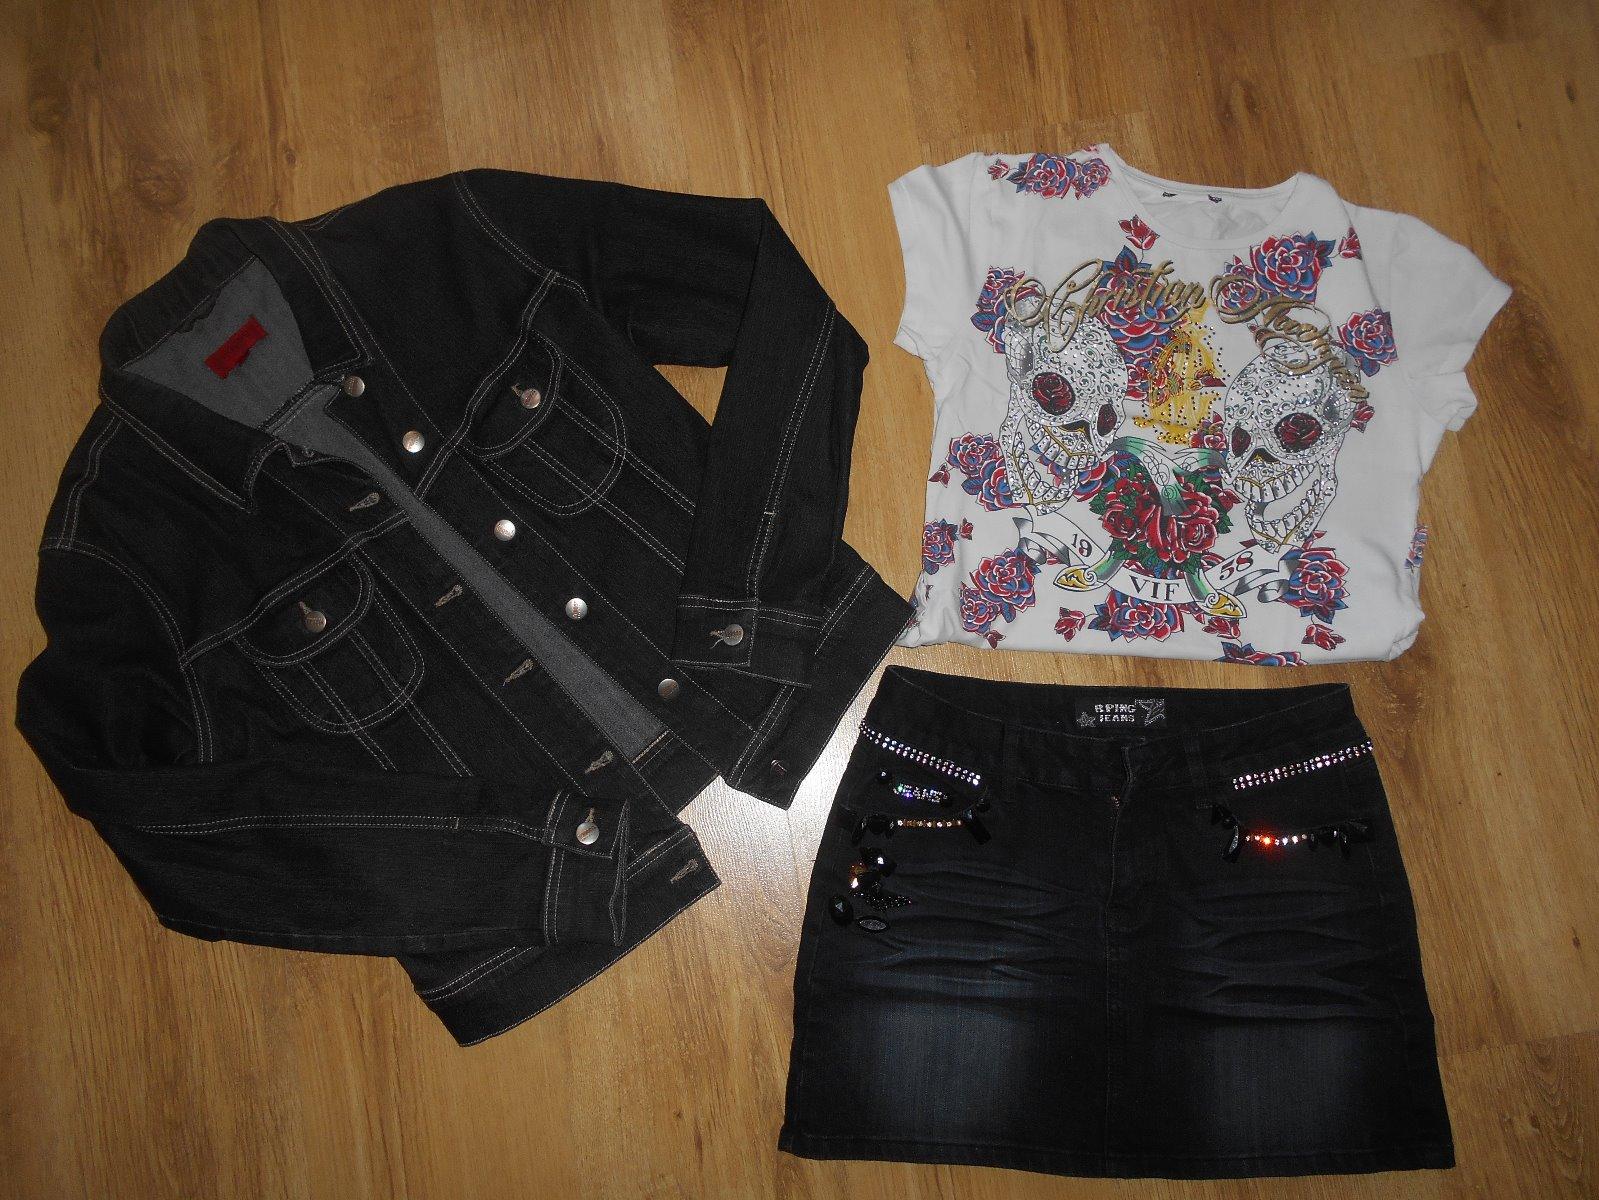 fb6916688fe5 Riflová bunda+sukna+tričko